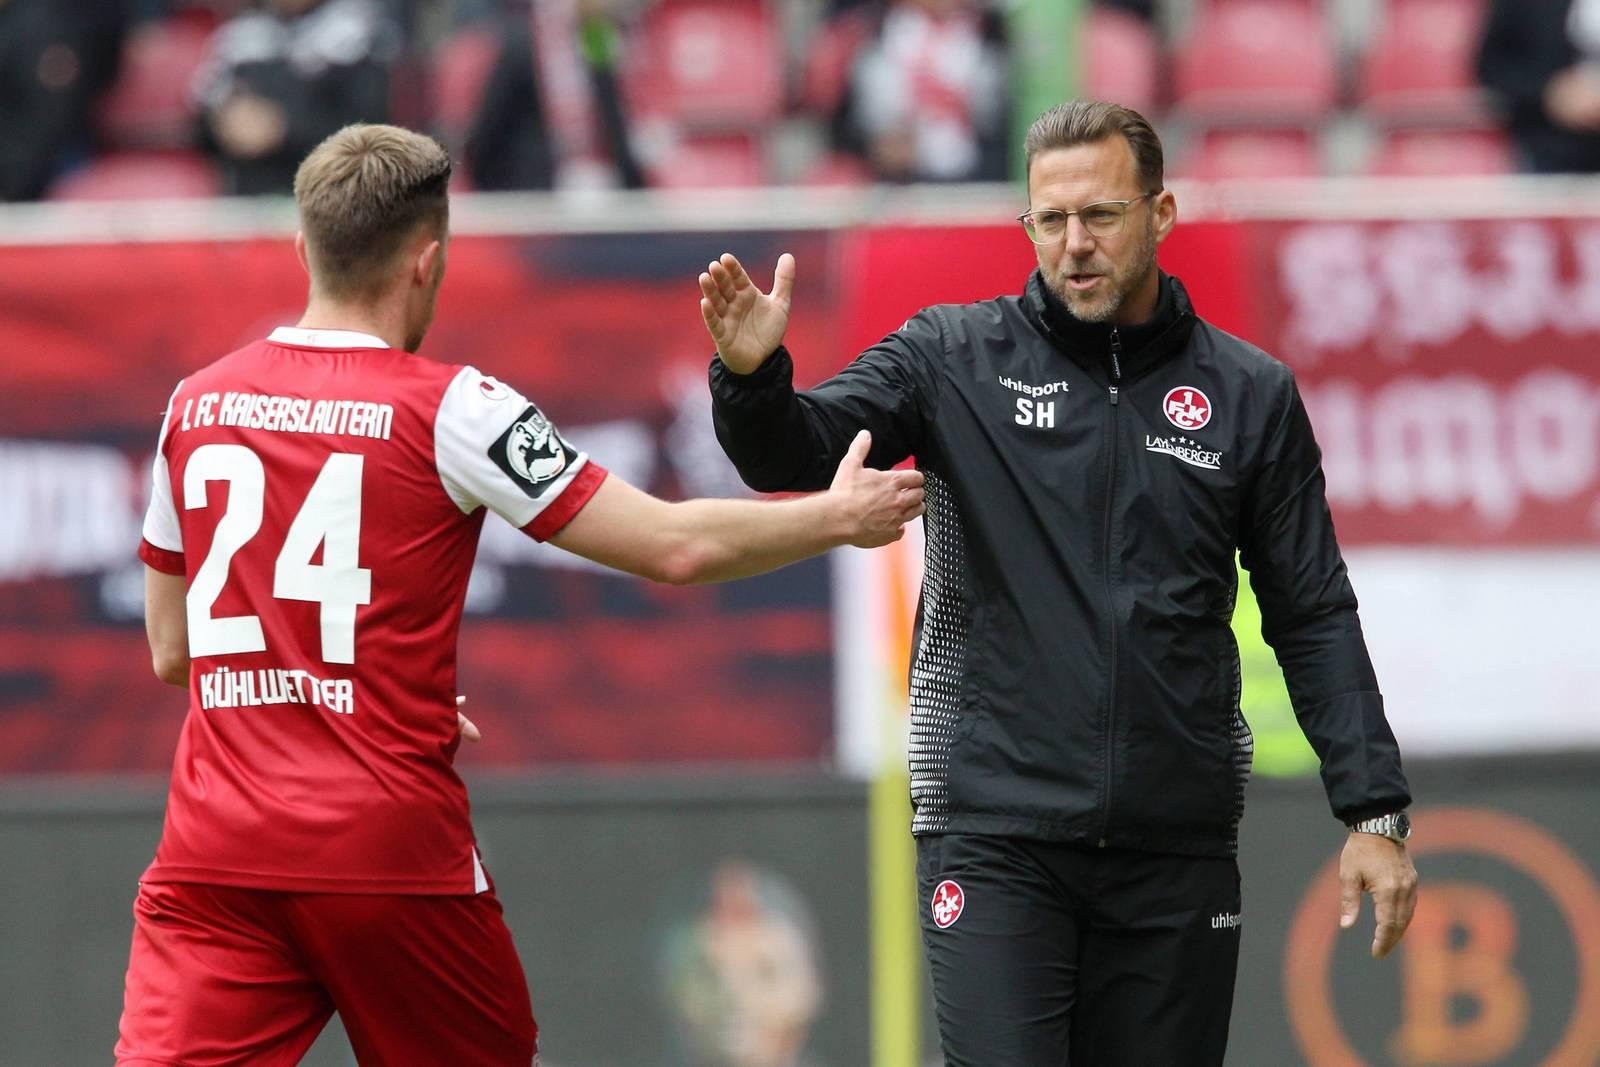 Sascha Hildmann klatscht mit Christian Kühlwetter ab